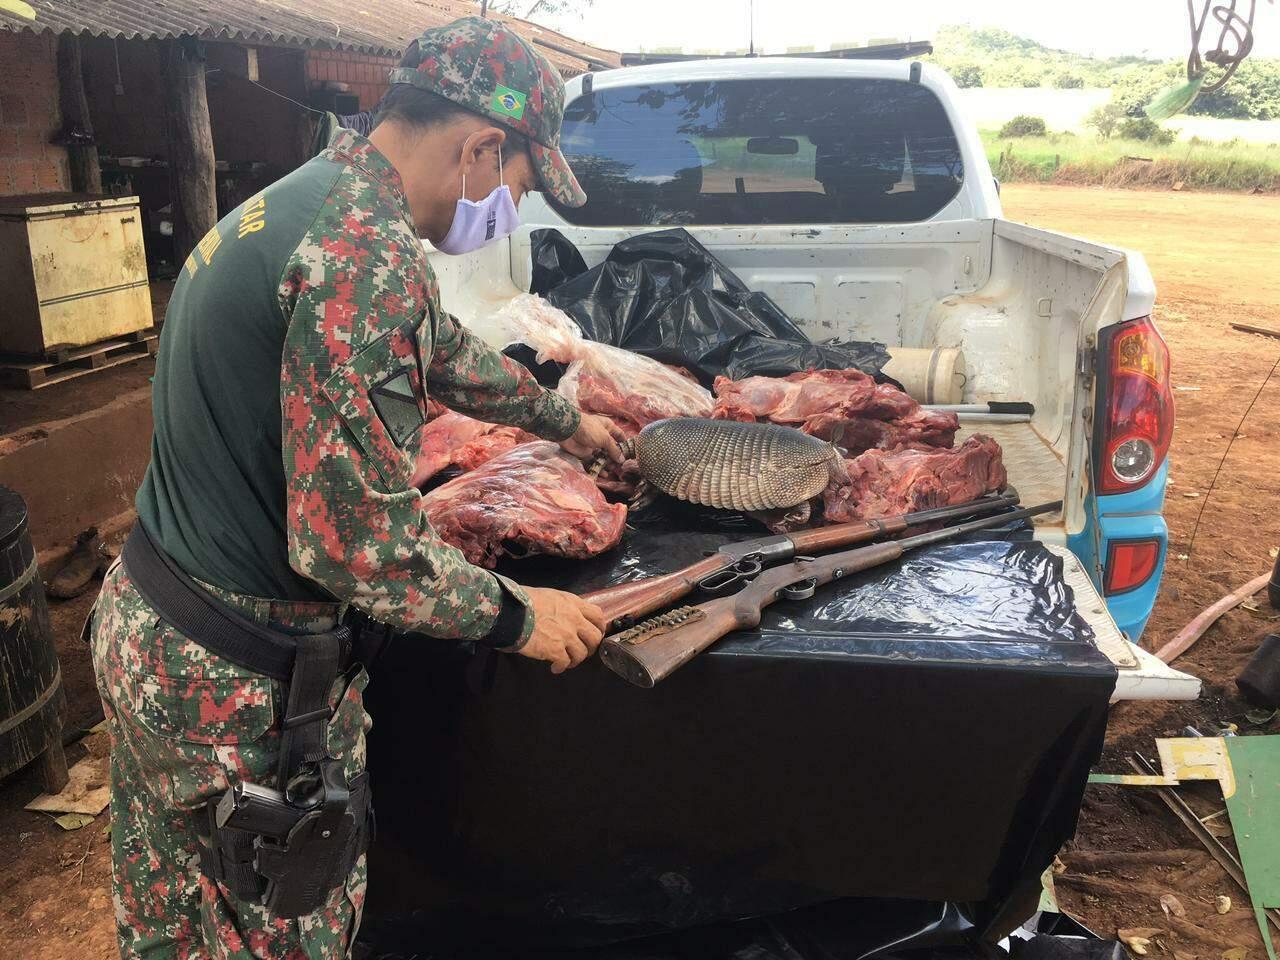 Policial MIlitar Ambiental apreendeu dois rifles, carnes de cateto, cutia e tatu abatidos durante caça ilegal. (Foto: Divulgação)